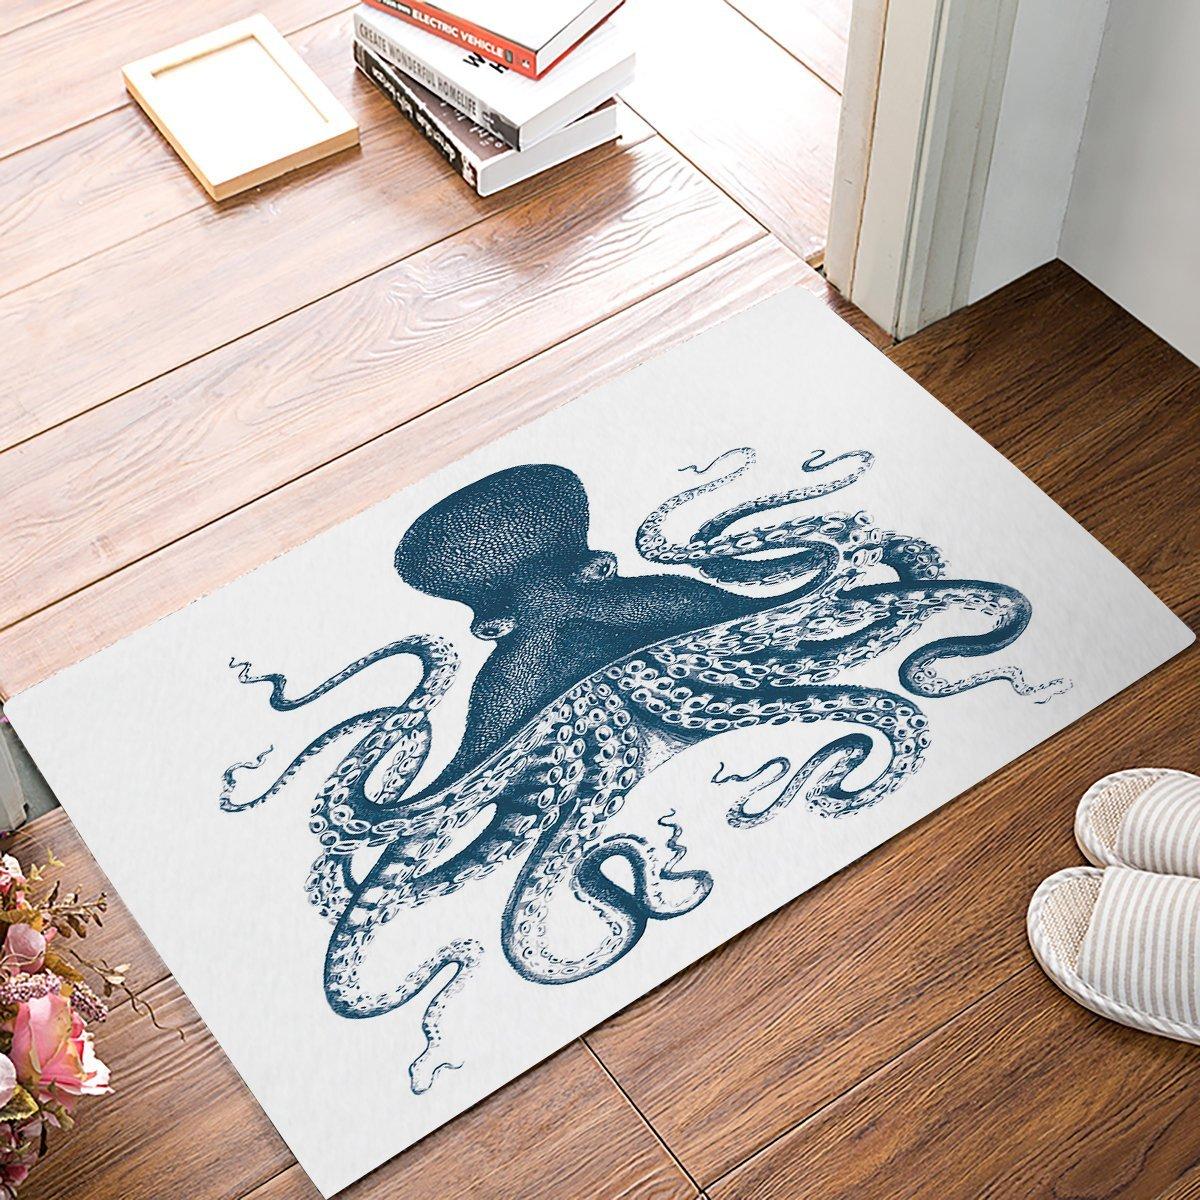 Kraken Octopus Decor Fabric Door Mat Rug Entry Way Intdoor Doormat ...